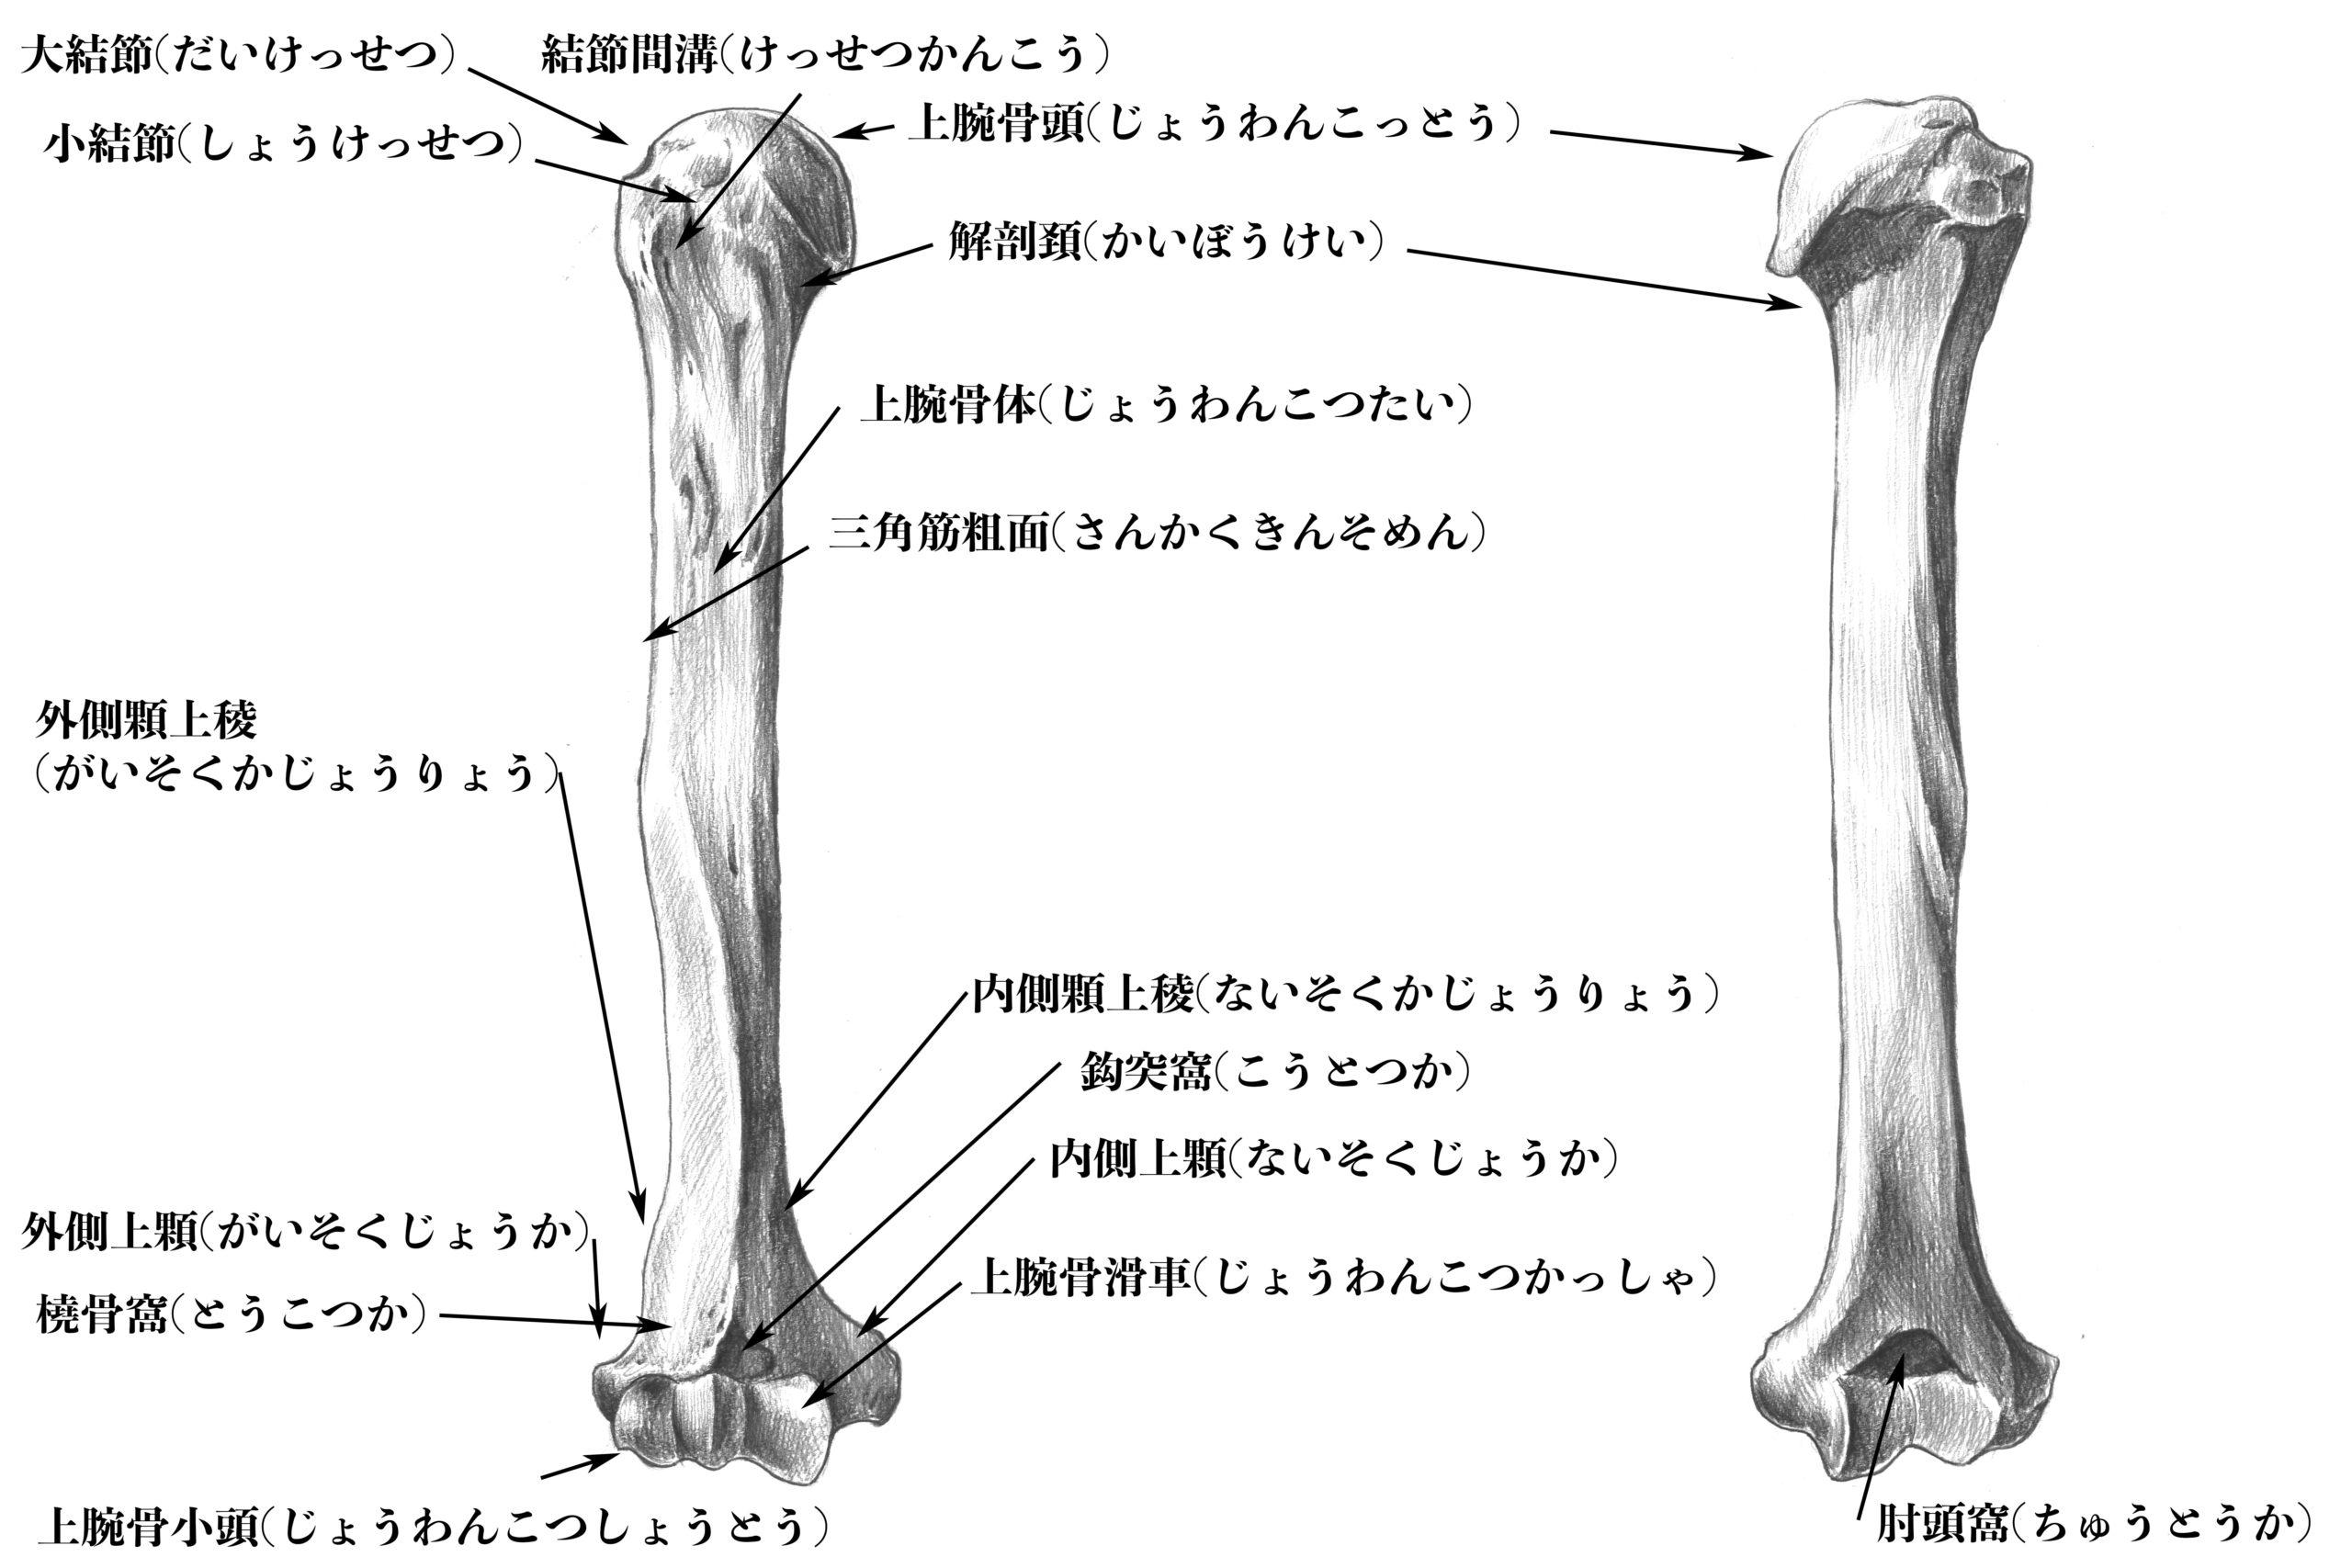 上腕骨の構造のスケッチ